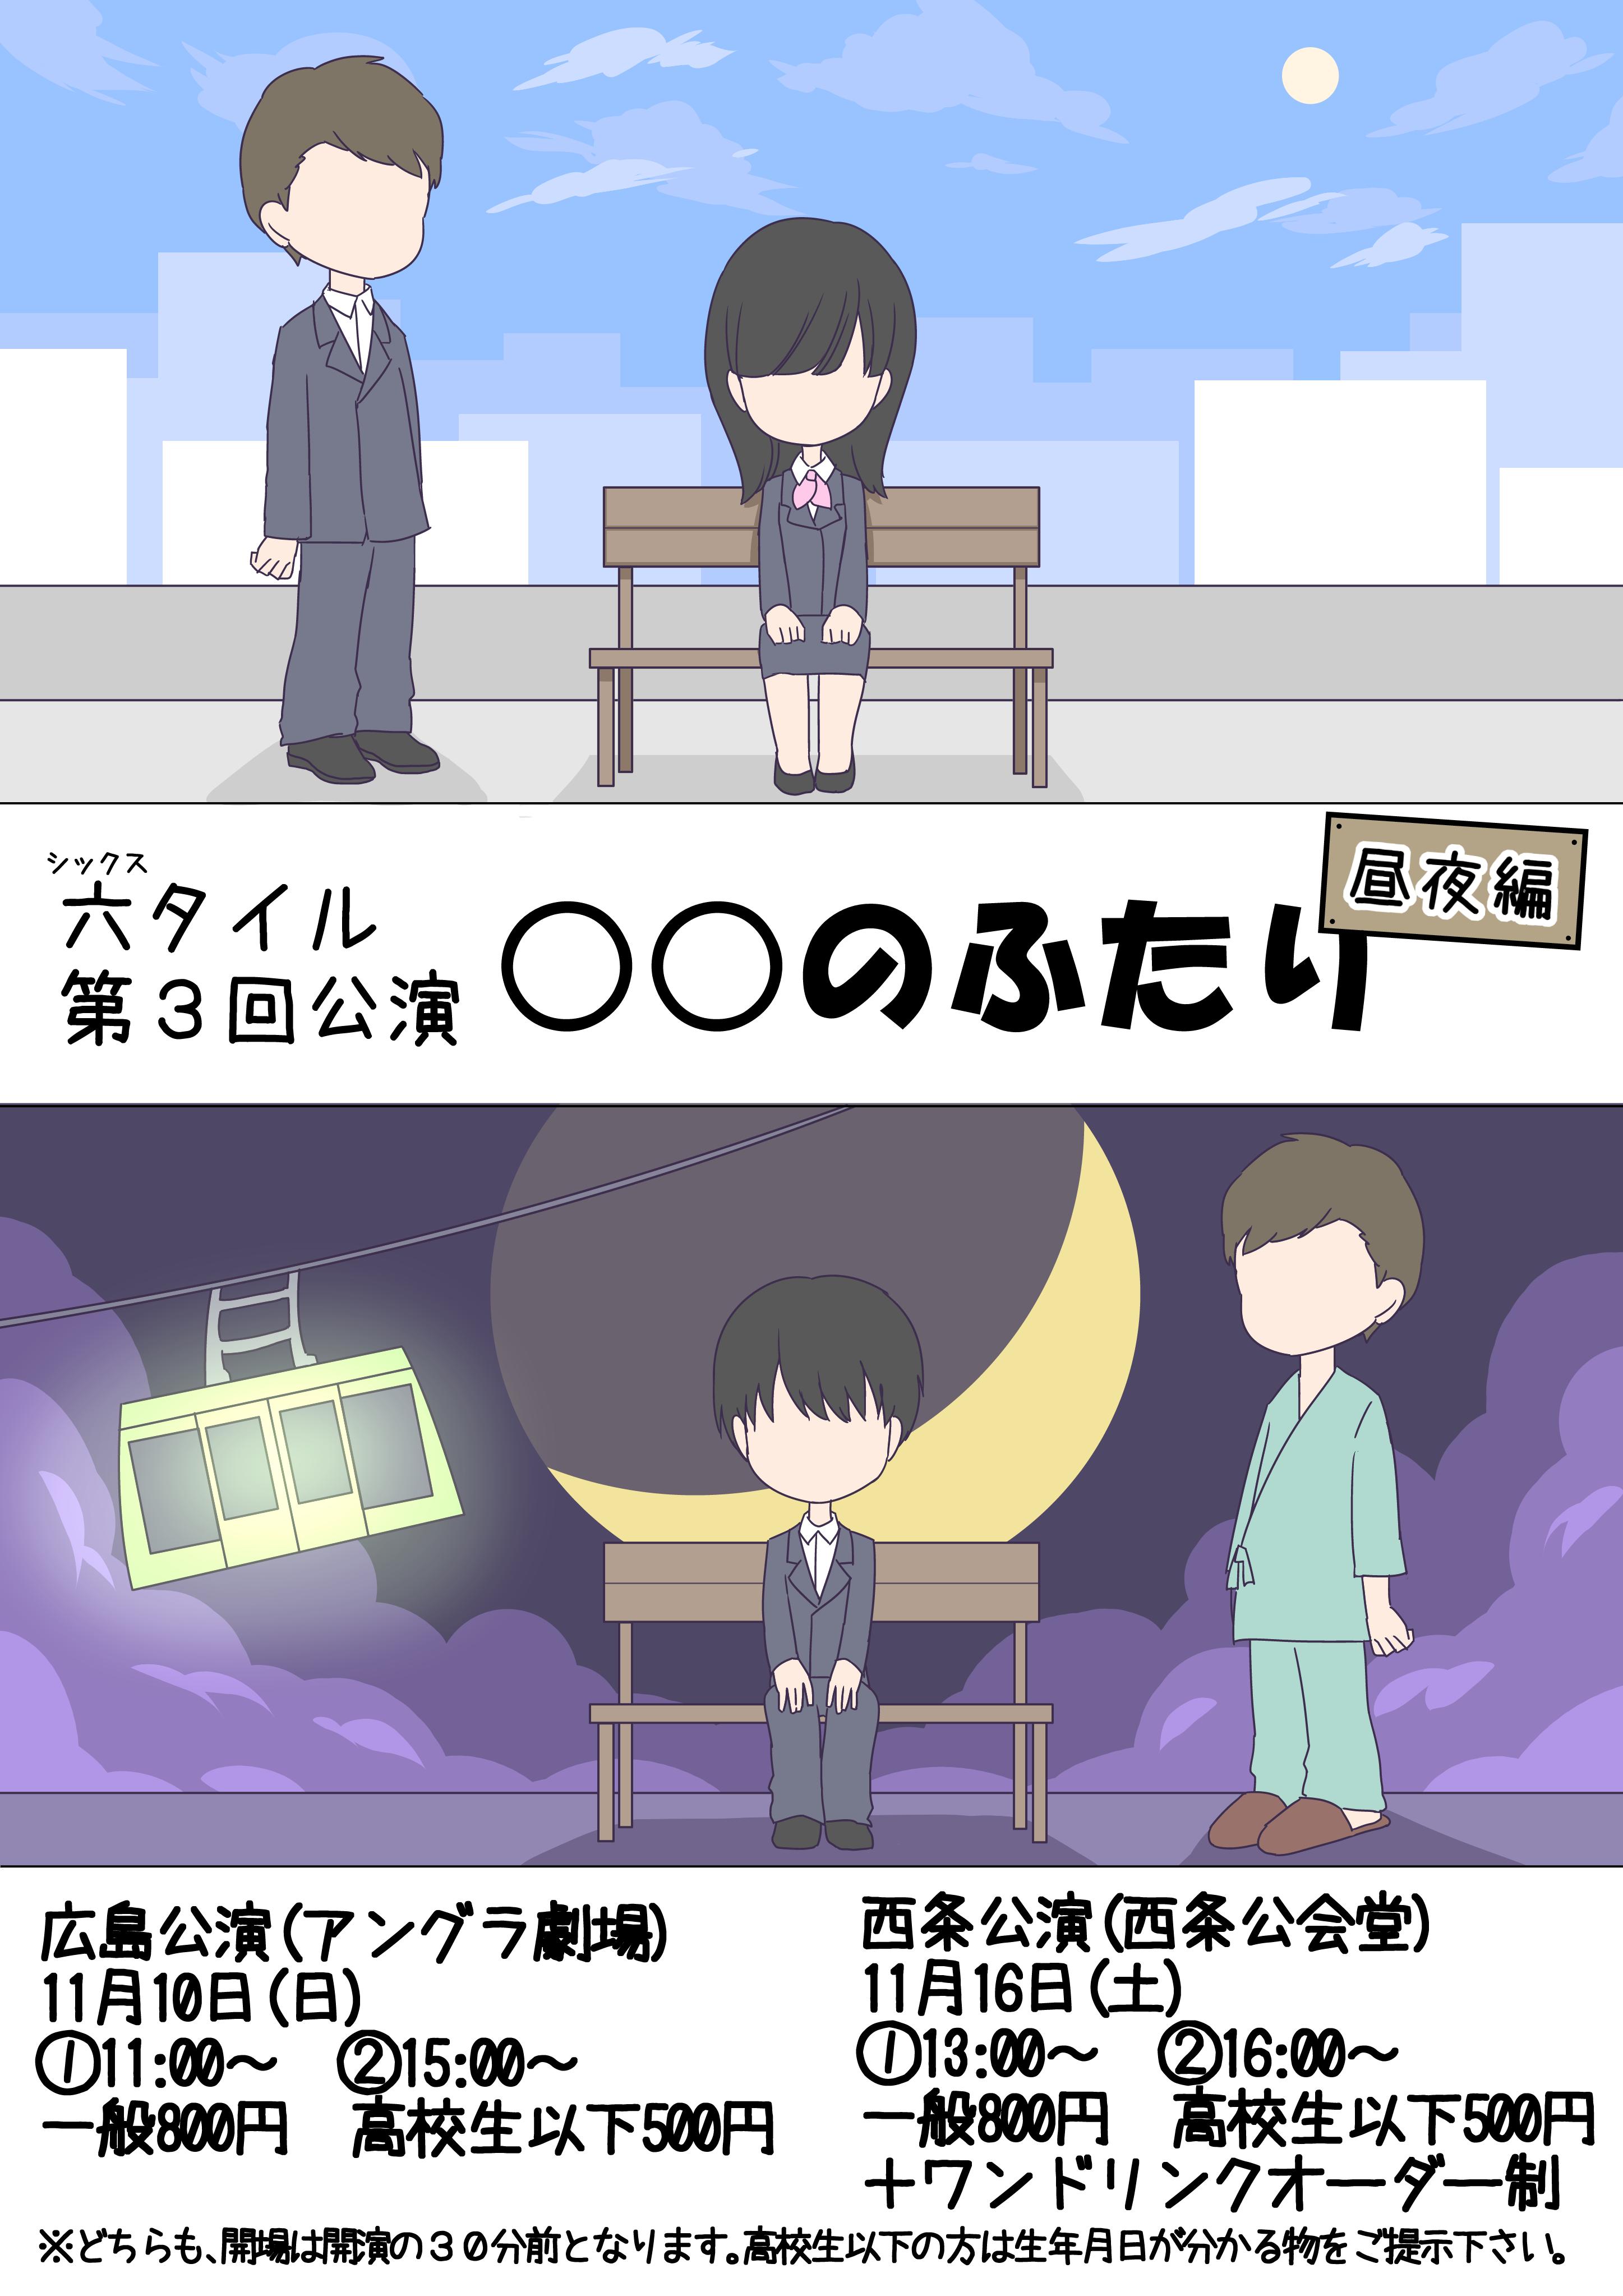 2019年11月16日(土)六タイル 第3回公演『〇〇のふたり昼夜編』